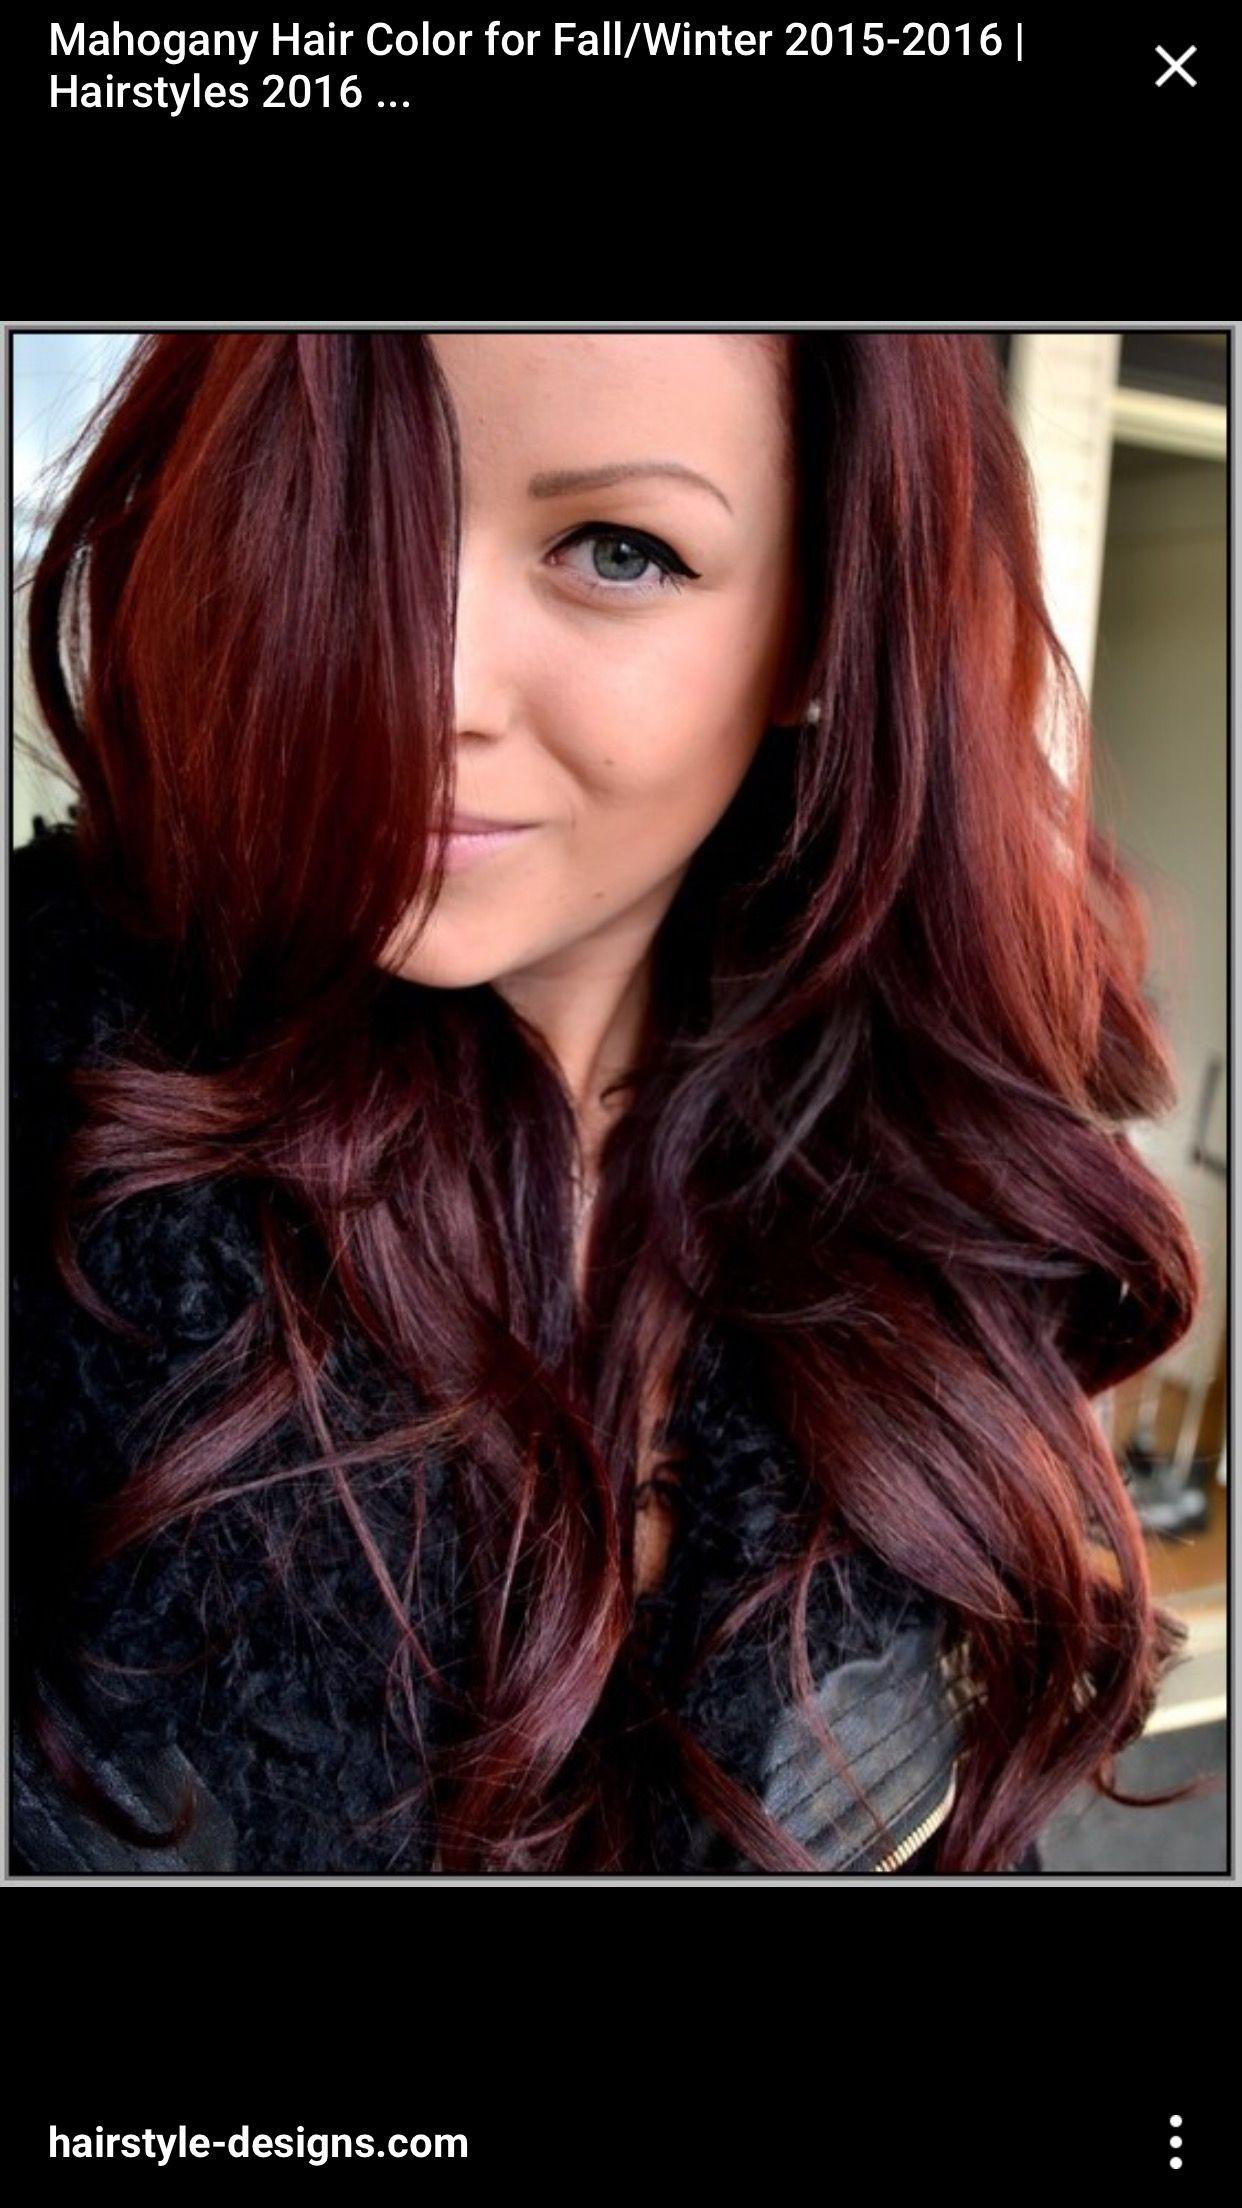 Pin by Madeline Bilan on Finals | Mahogany hair, Hair color ...